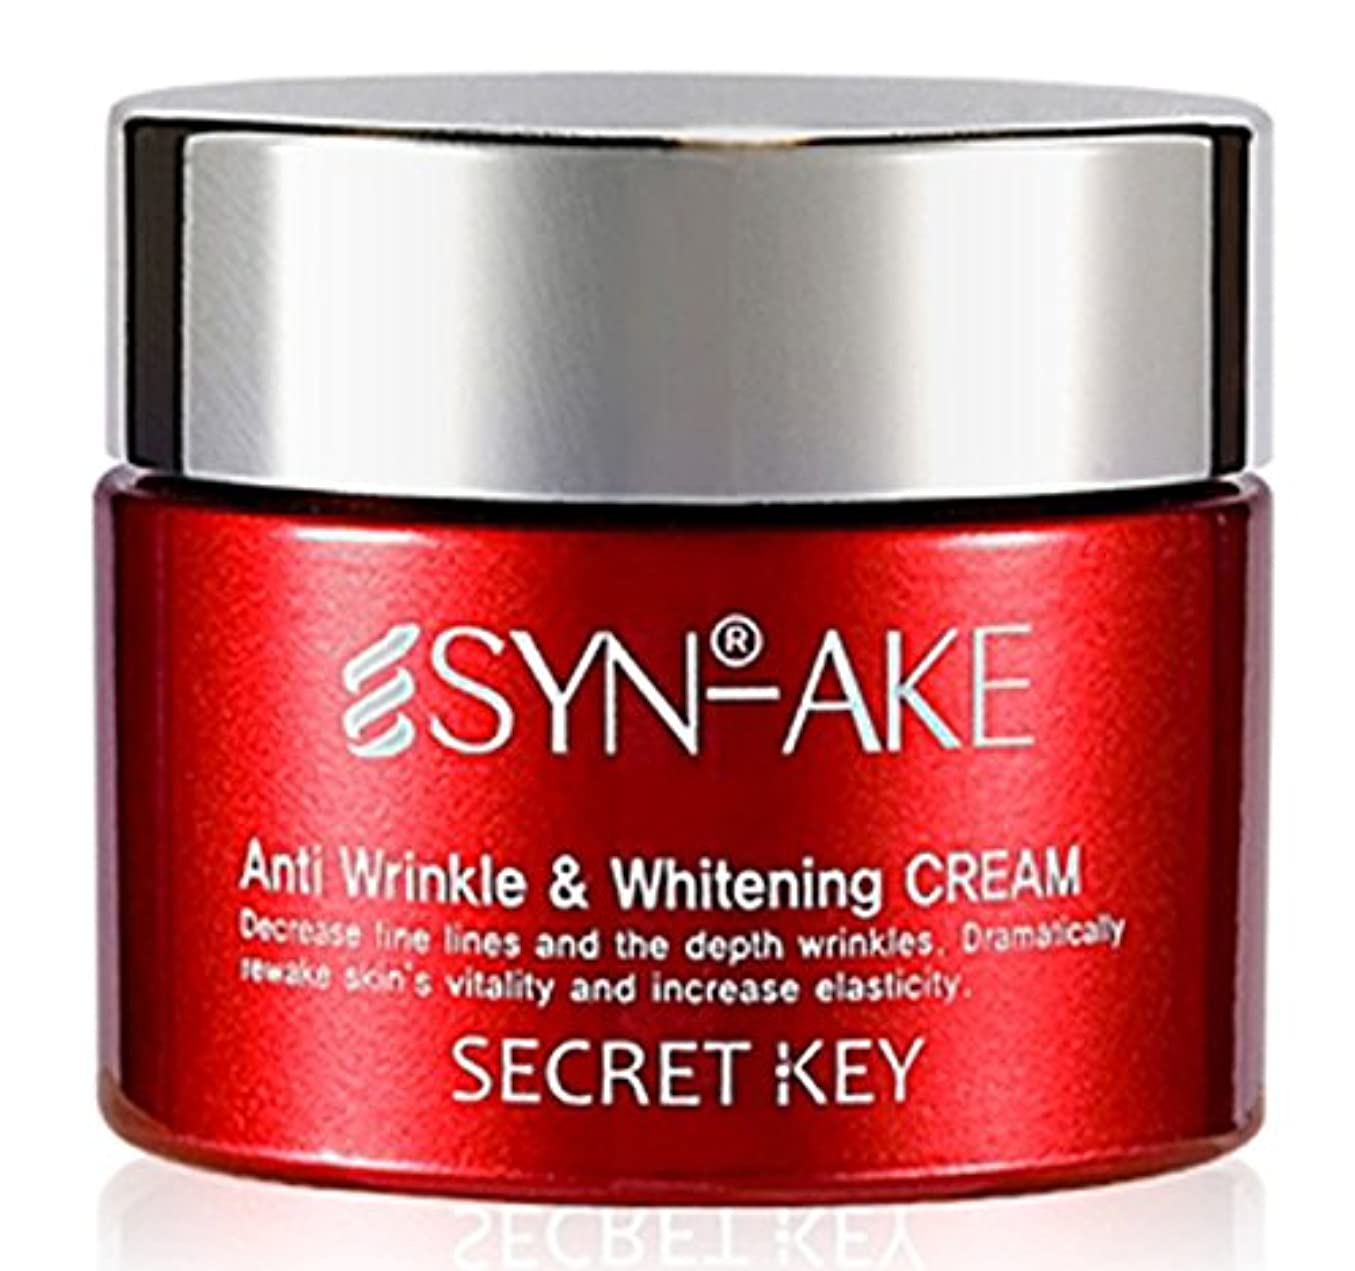 ポット編集者憤るSYN-AKE Anti Wrinkle & Whitening cream(50ml)